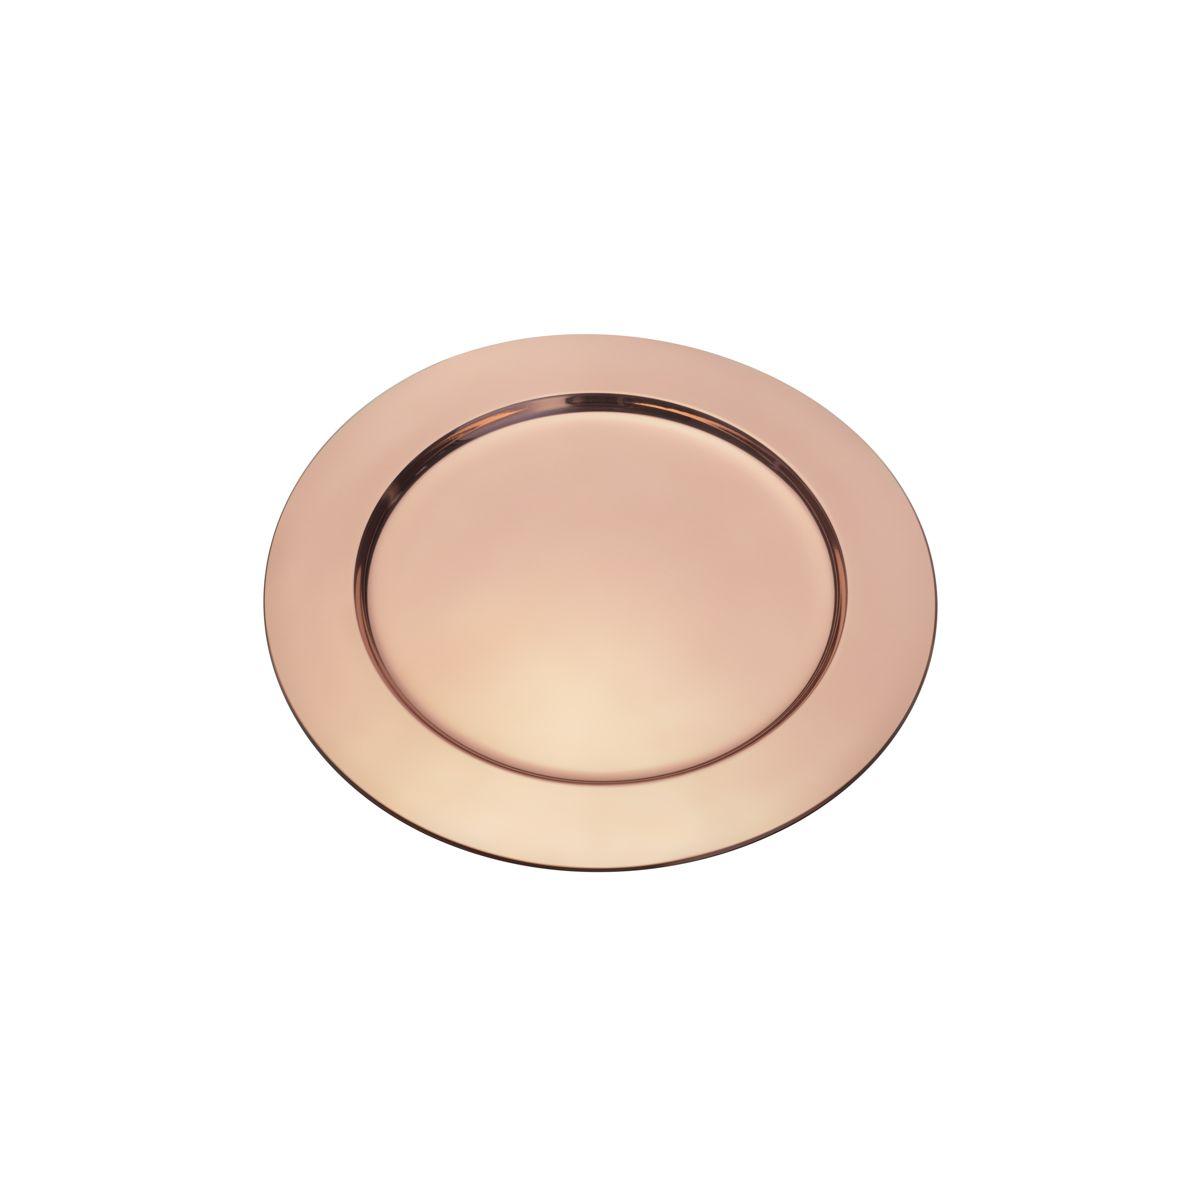 Sousplat 33 cm de aço inox cobre rosé gold Delhi Wolff - 27328